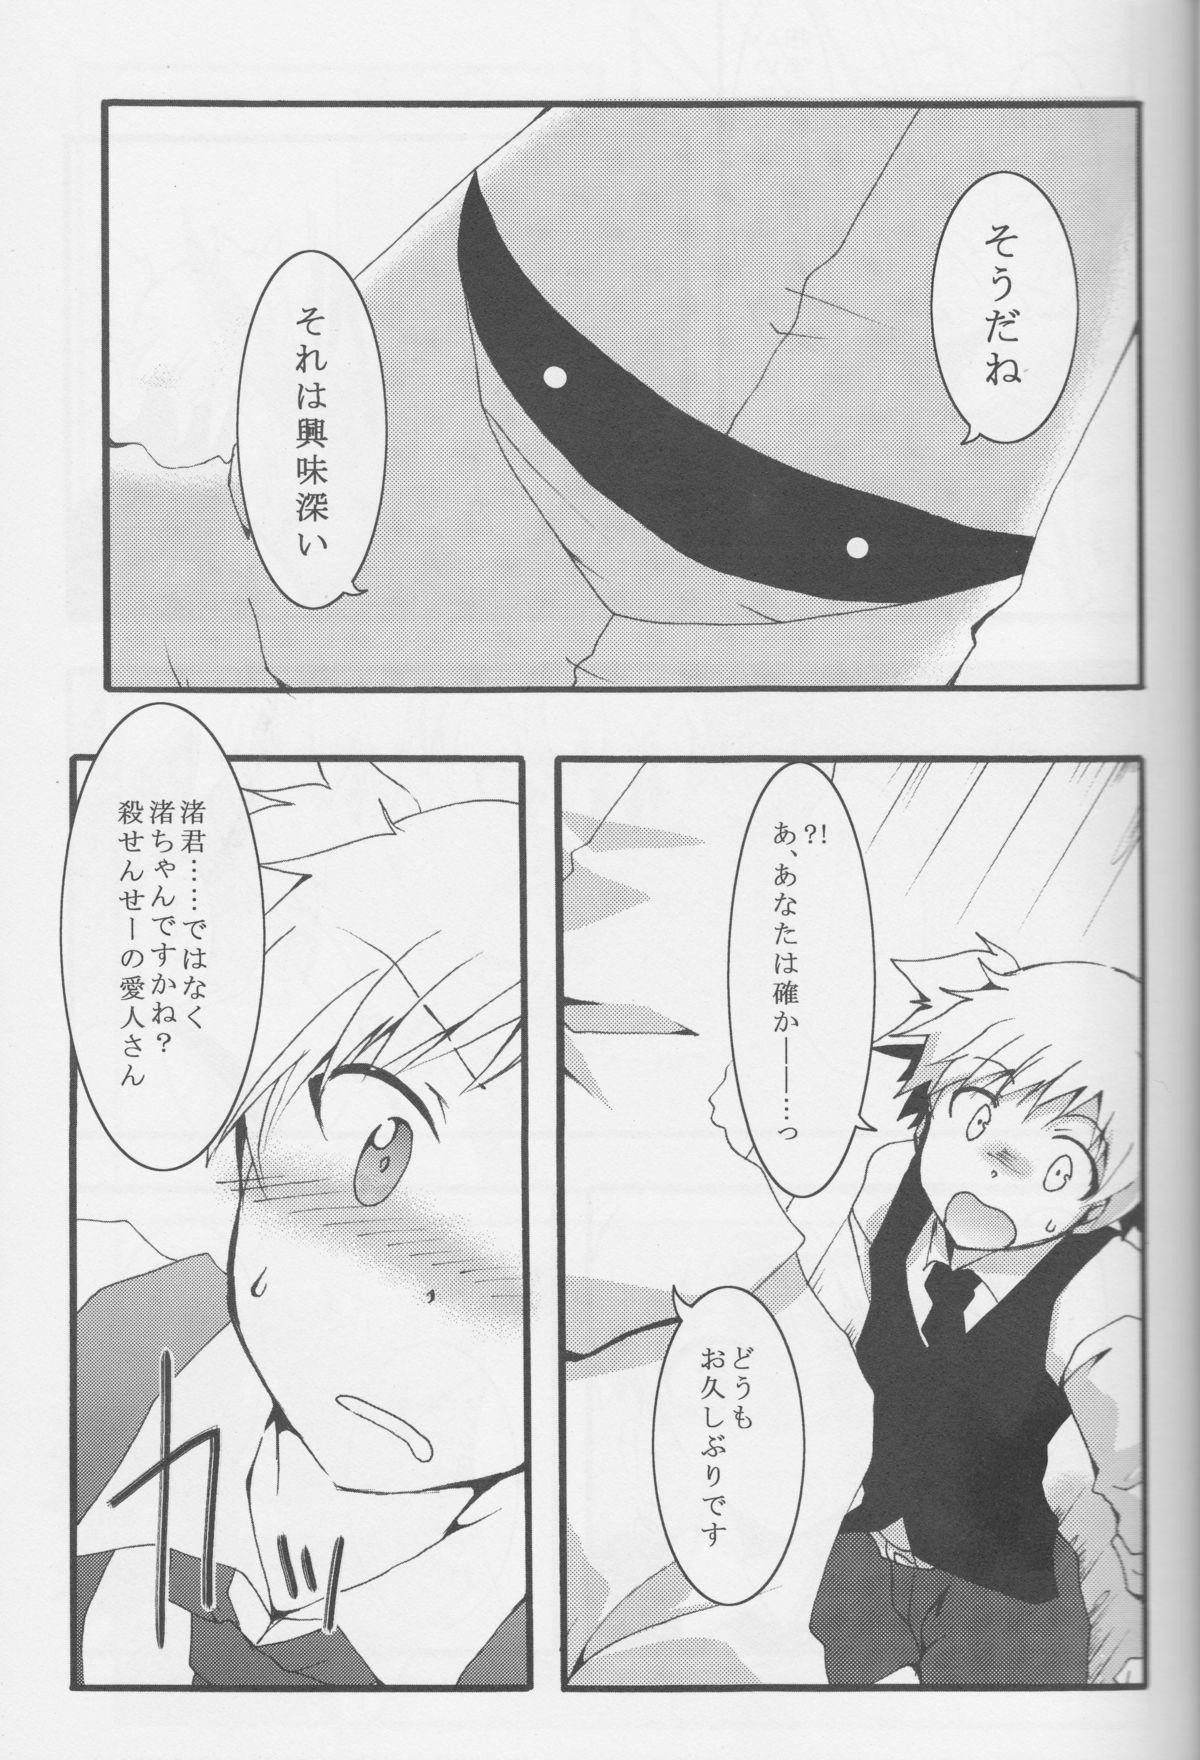 Nagisa-kun ga Onnanokodattara. Matome 13